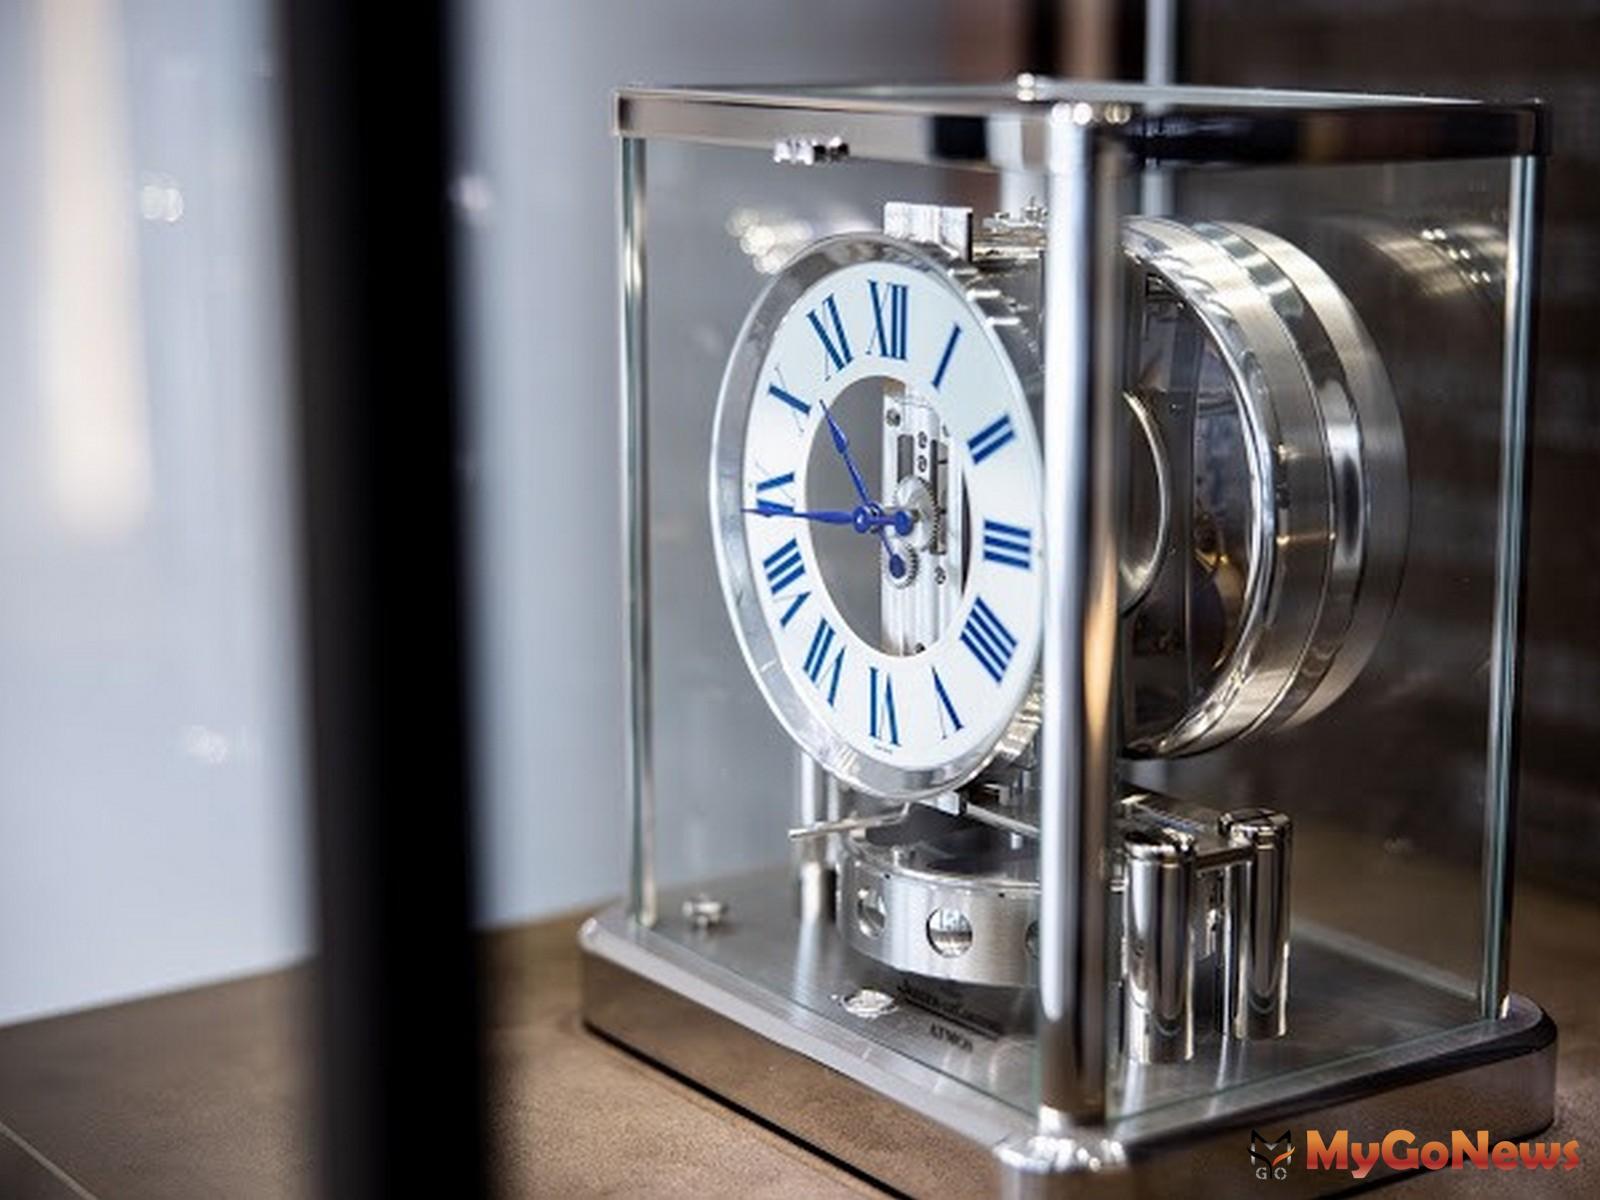 積家Jaeger-LeCoultre於東昀昀接待中心展出極致鐘錶工藝作品Atmos Classique空氣鐘(圖/業者提供) MyGoNews房地產新聞 熱銷推案